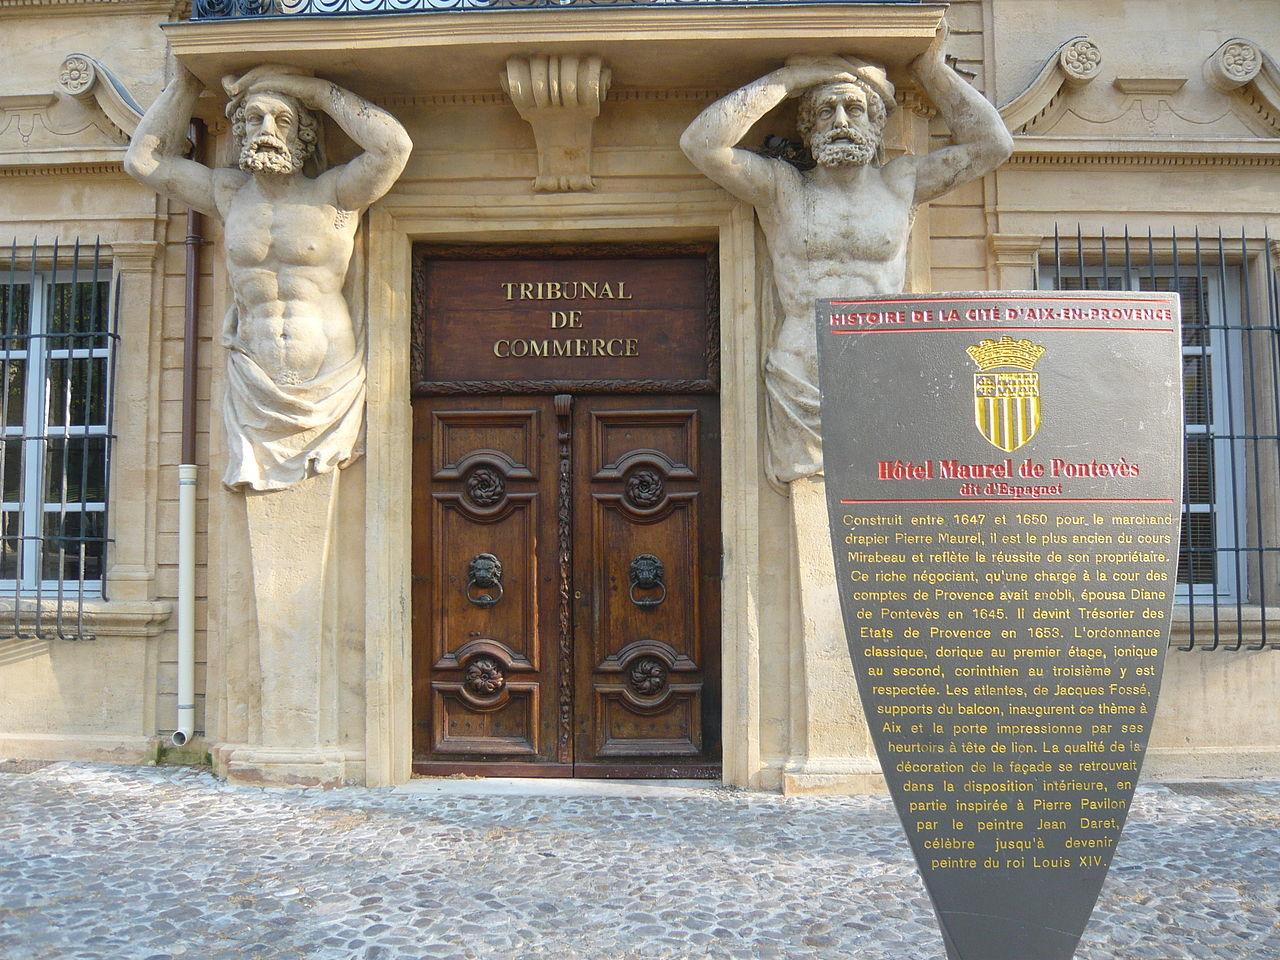 Original file 3 264 2 448 pixels file size mb - Tribunal de commerce salon de provence ...